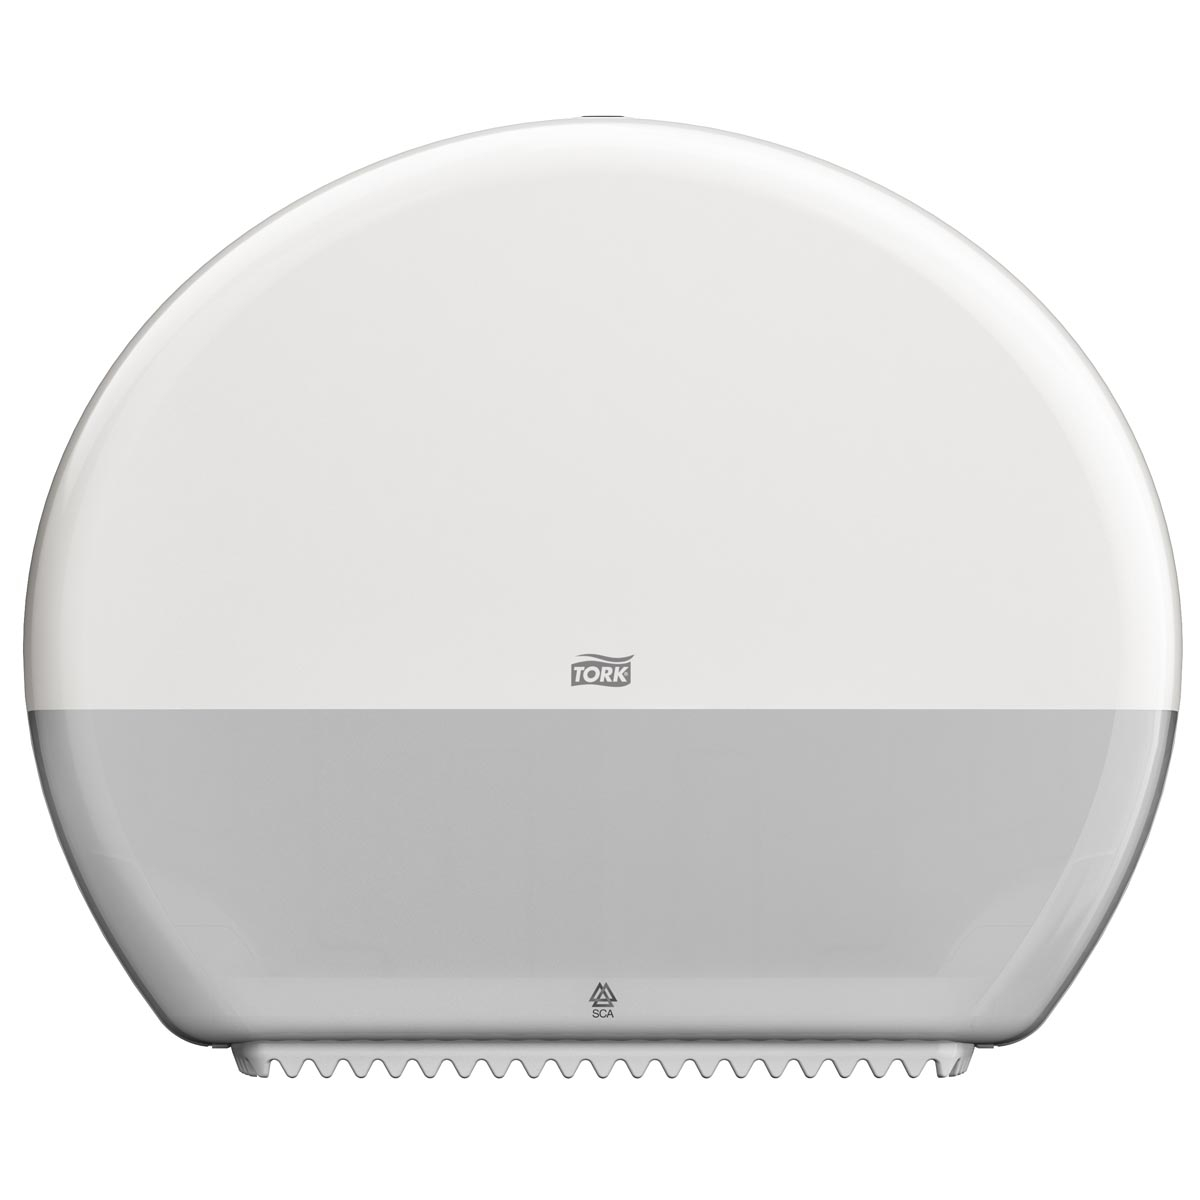 Tork Jumbo Toilet Paper Dispenser